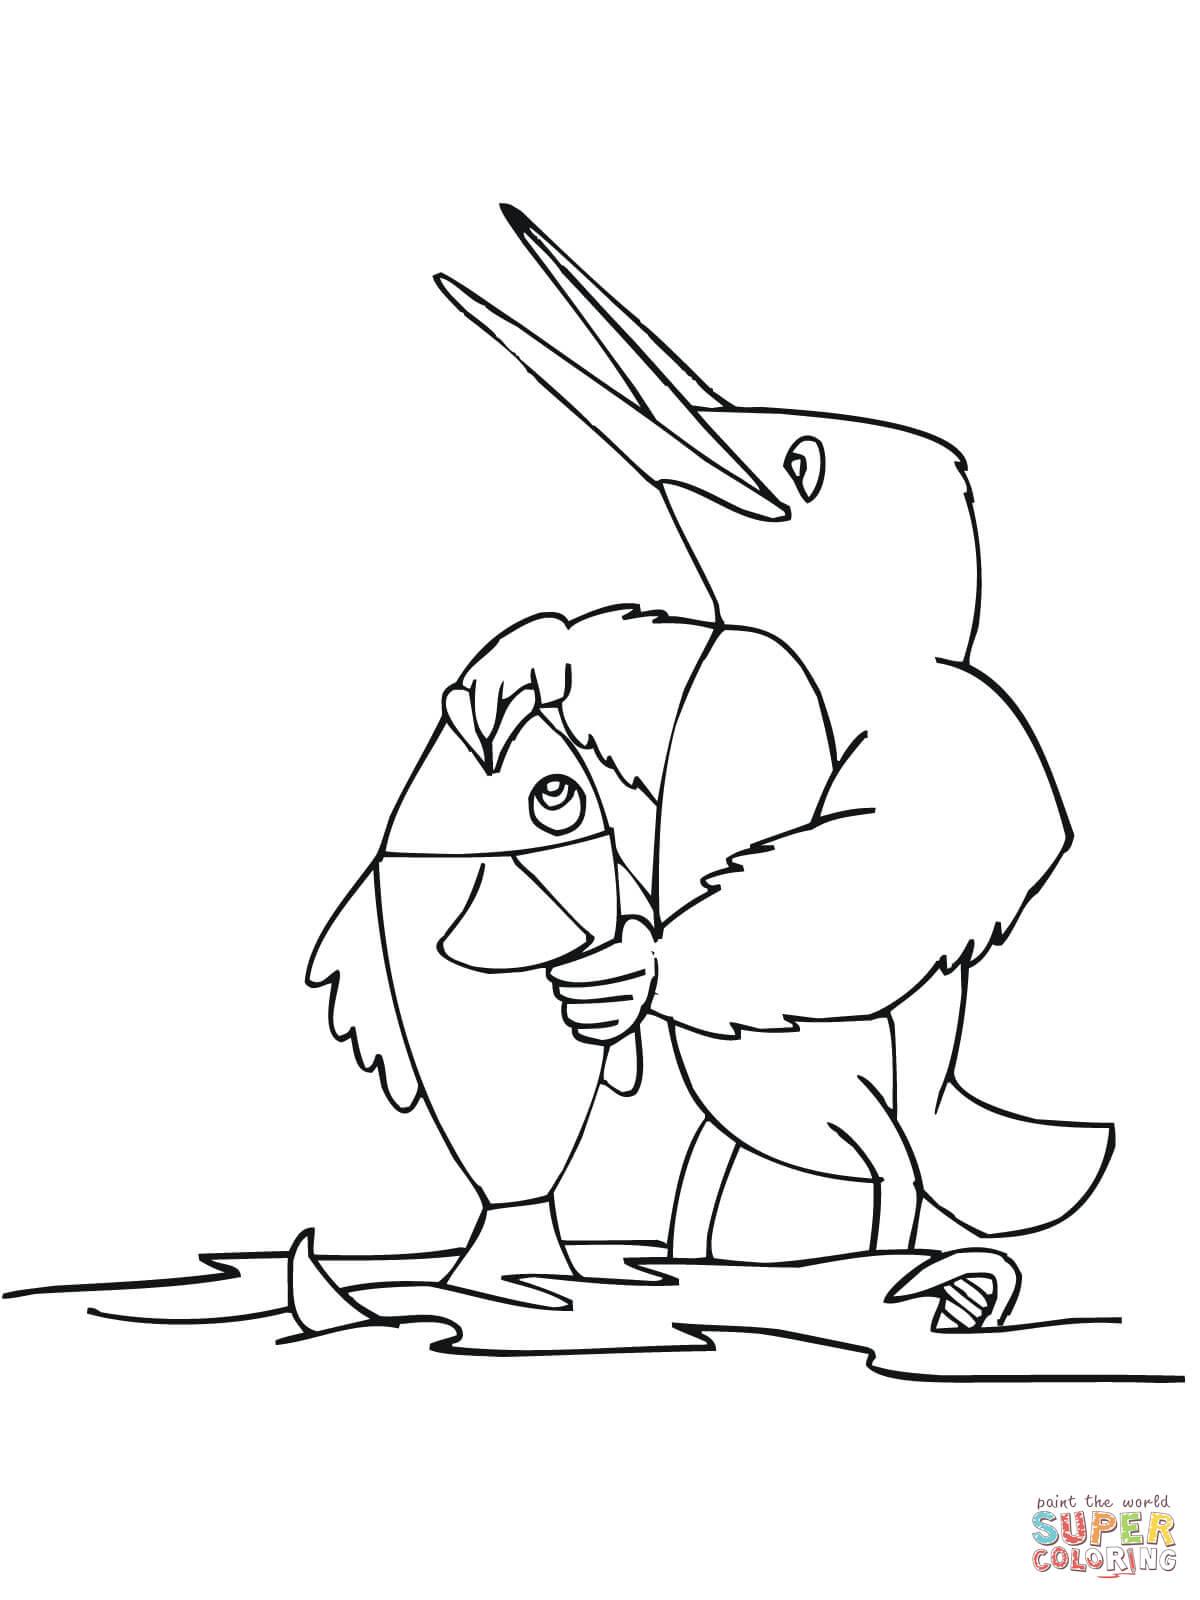 Disegno di Martin pescatore stilizzato con pesce da